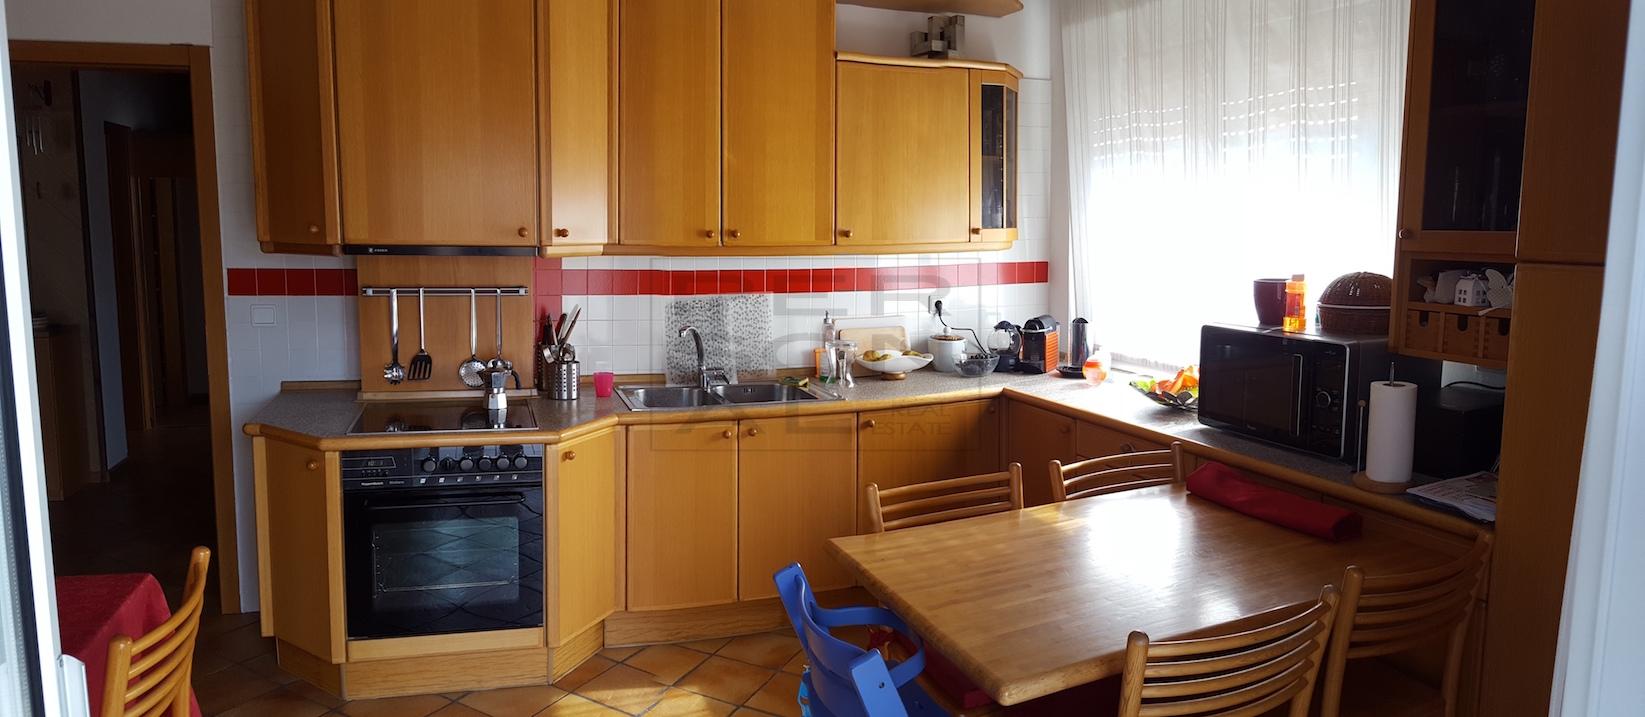 Appartamento in vendita a Mezzocorona, 4 locali, prezzo € 209.000   CambioCasa.it